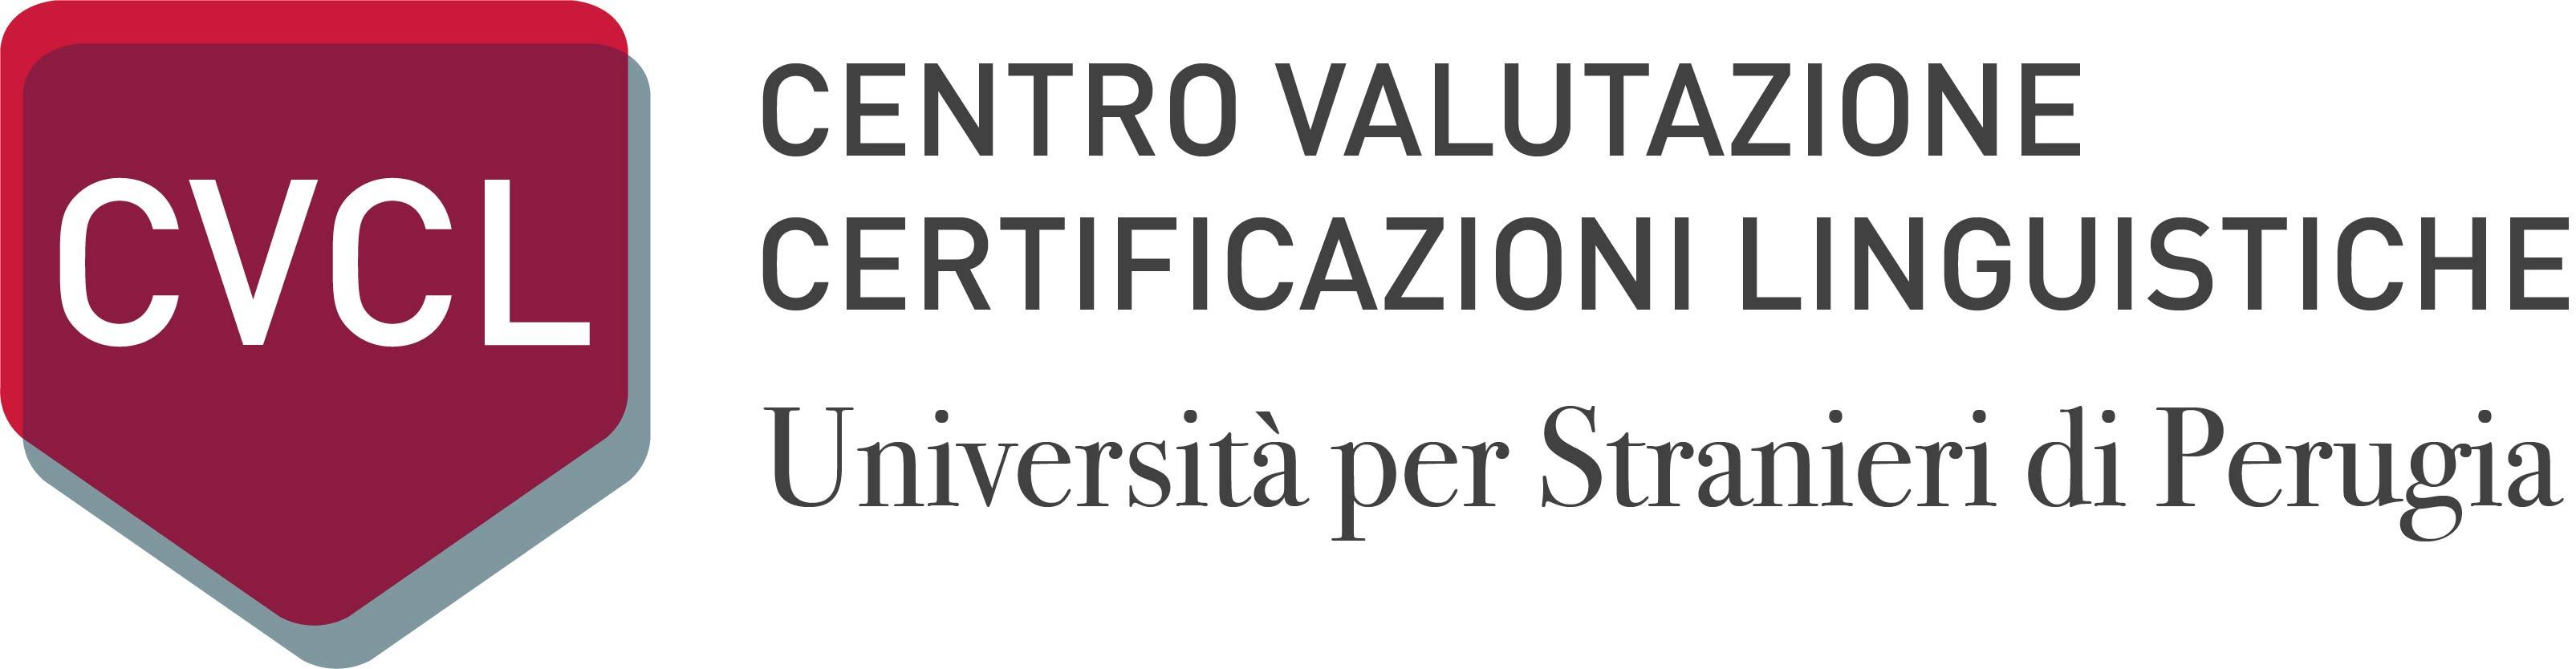 Centro Valutazione Certificazione Linguistiche